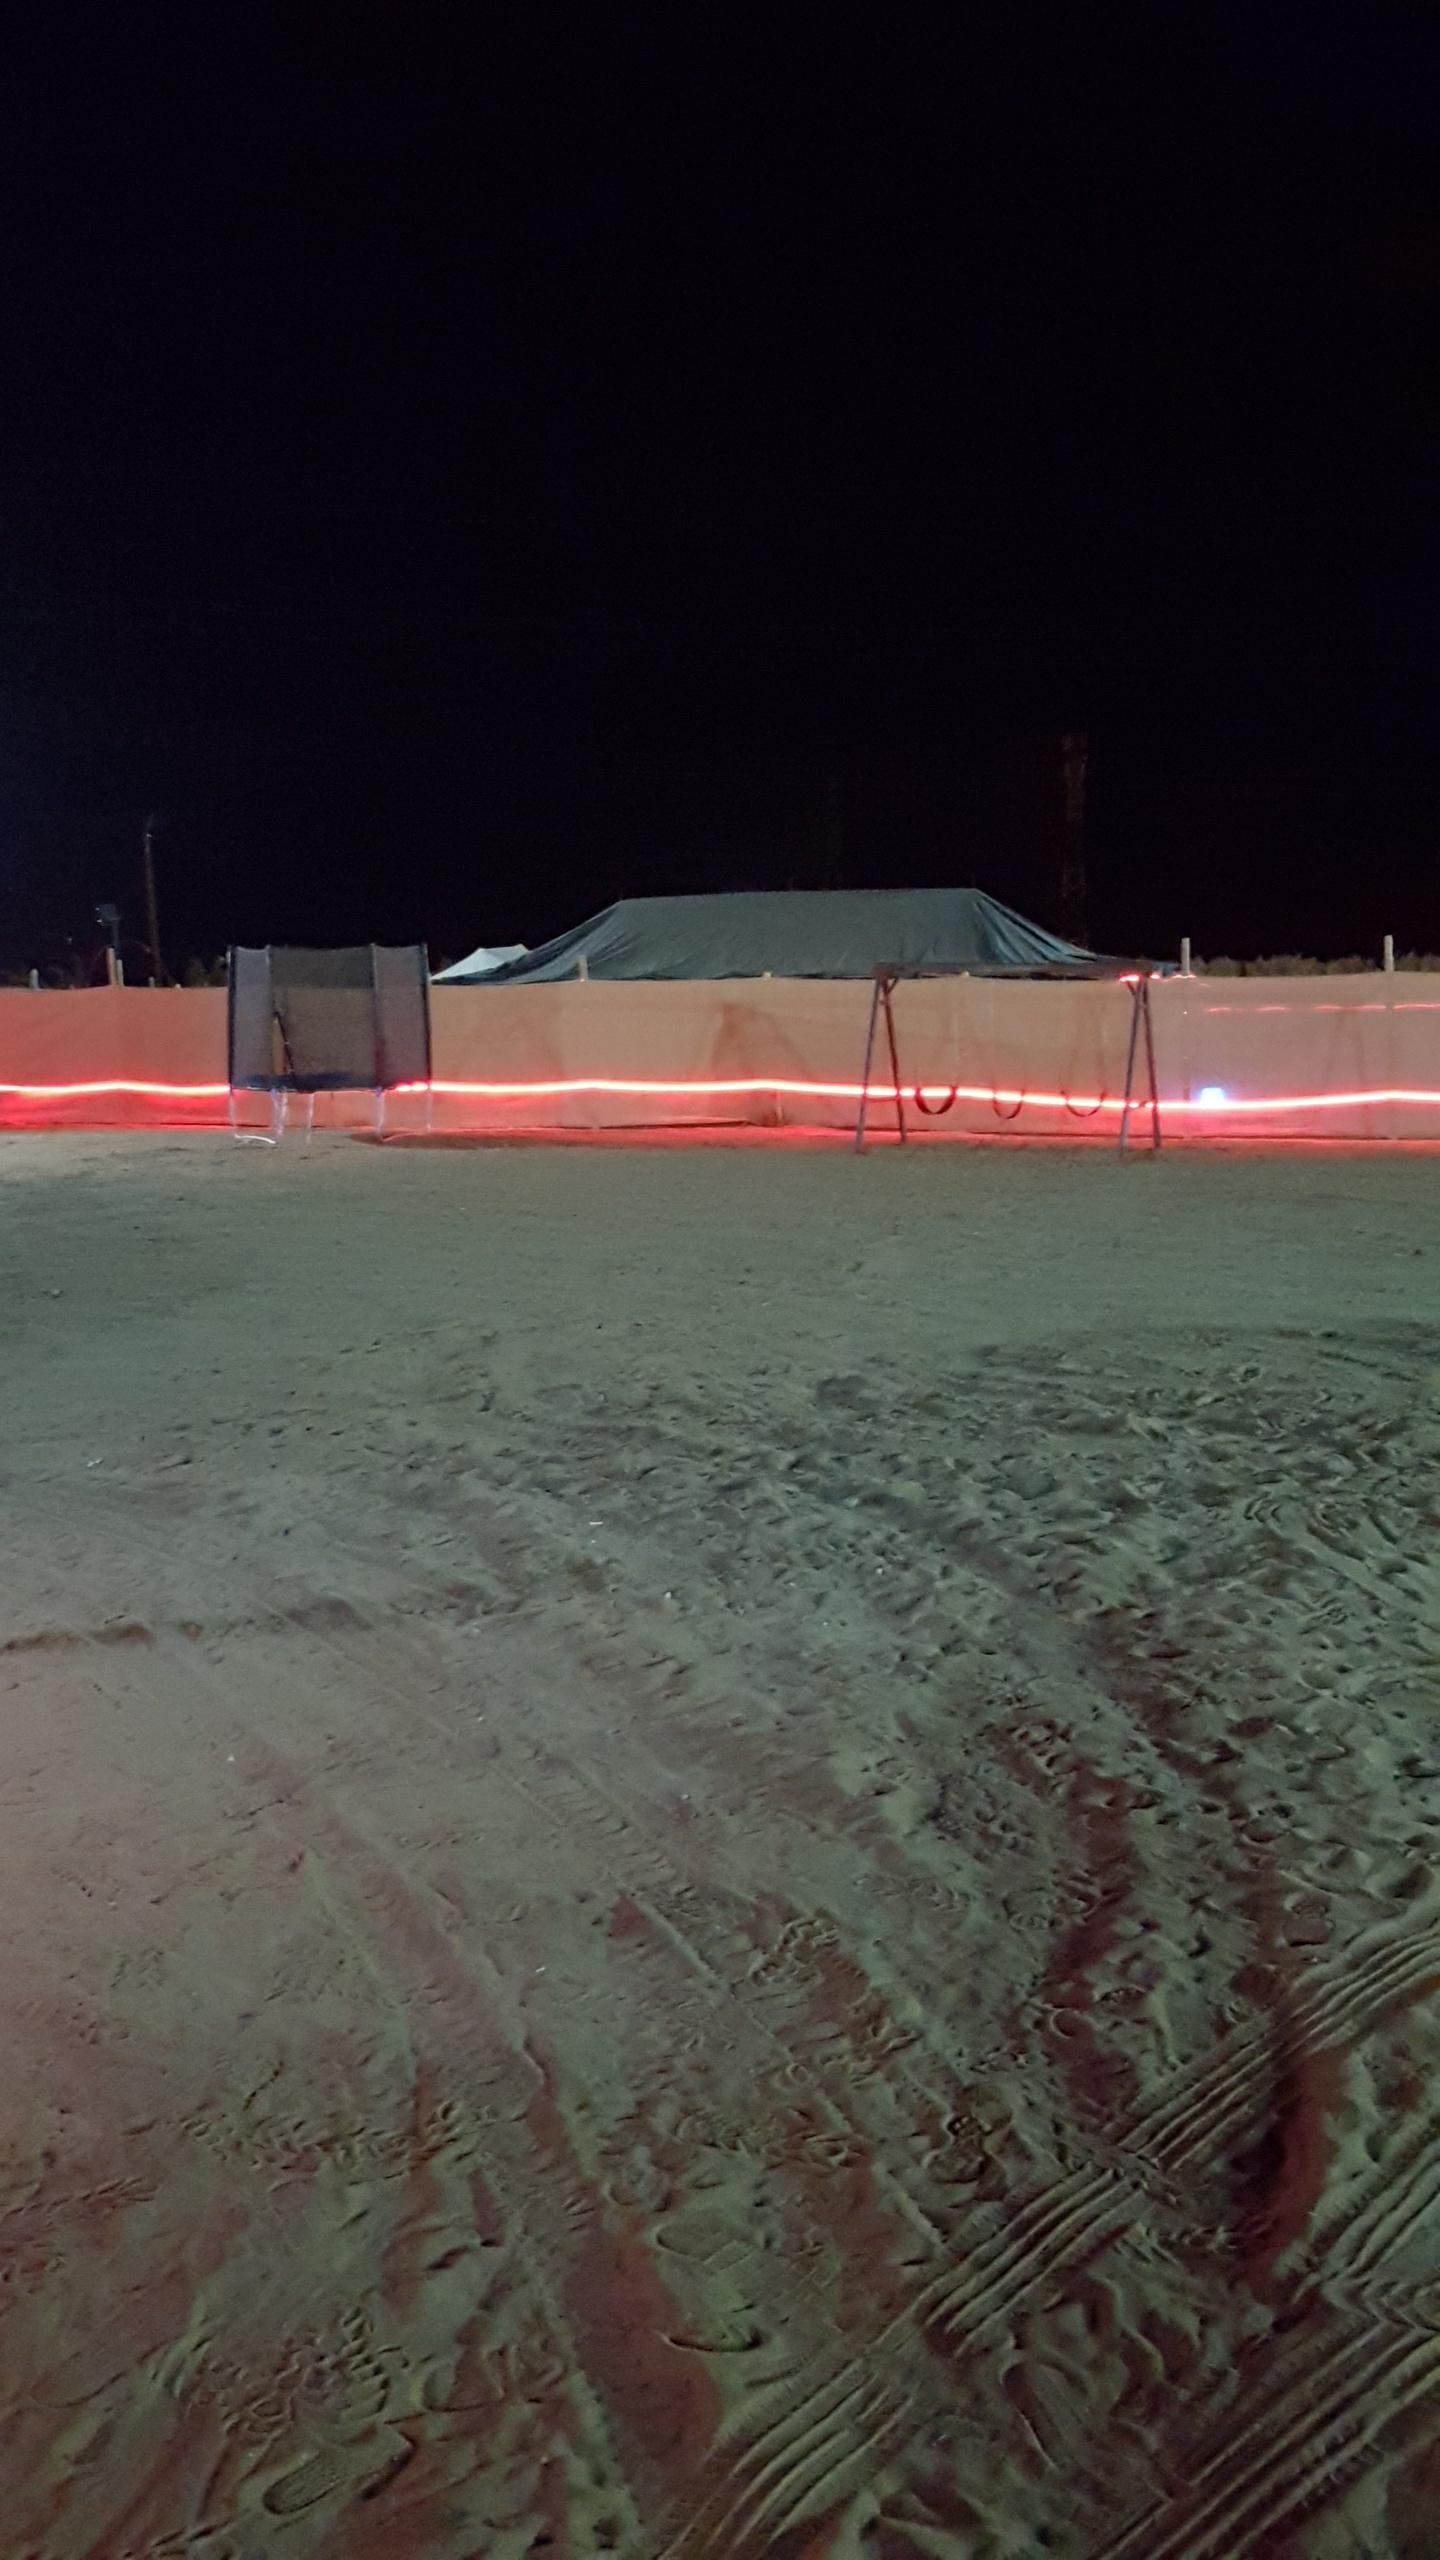 مخيم الخزامى عرض خاص لهذا الويكند